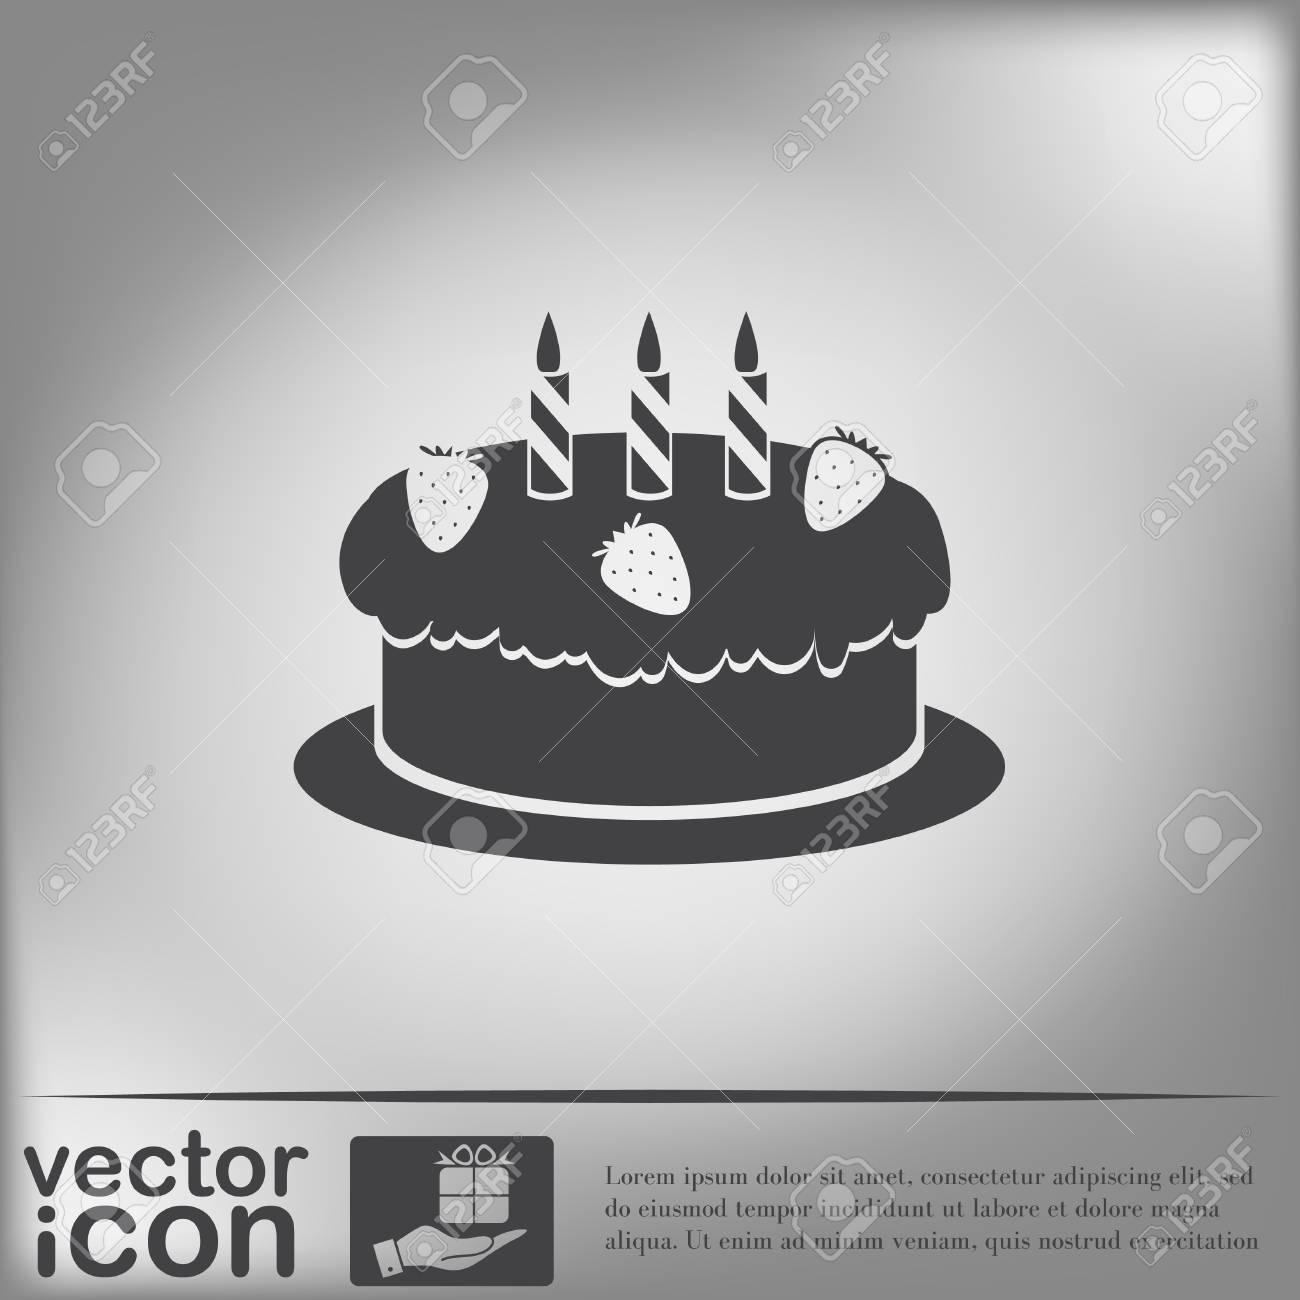 Birthday Cake Icon Symbol Of Cake Celebrating The Birthday